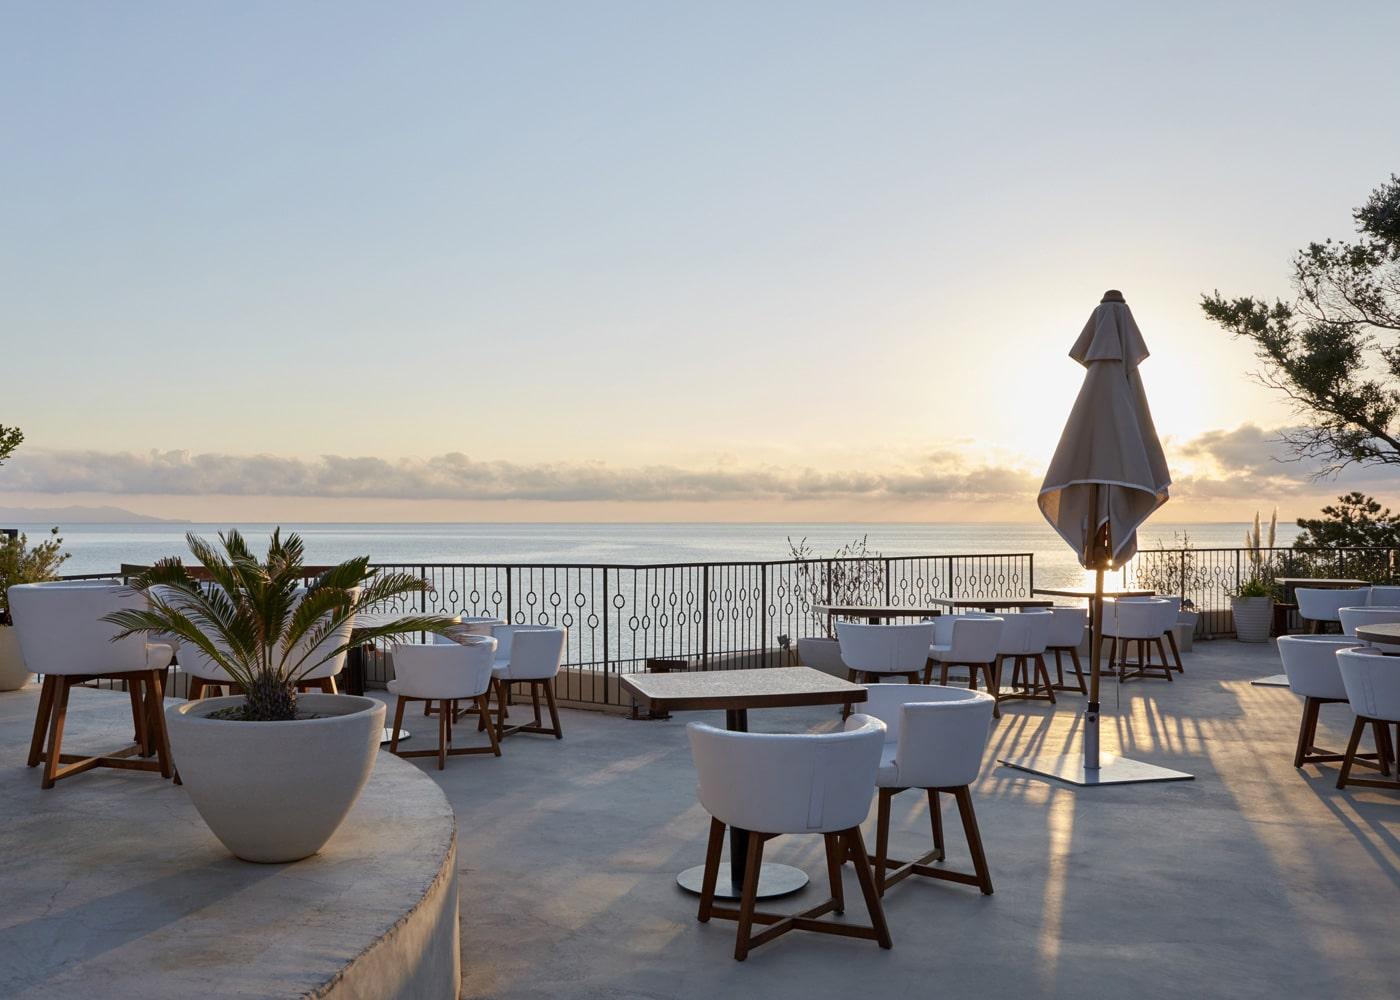 deconfinez-moi-ici-#6-Hotel-Misincu-Corse